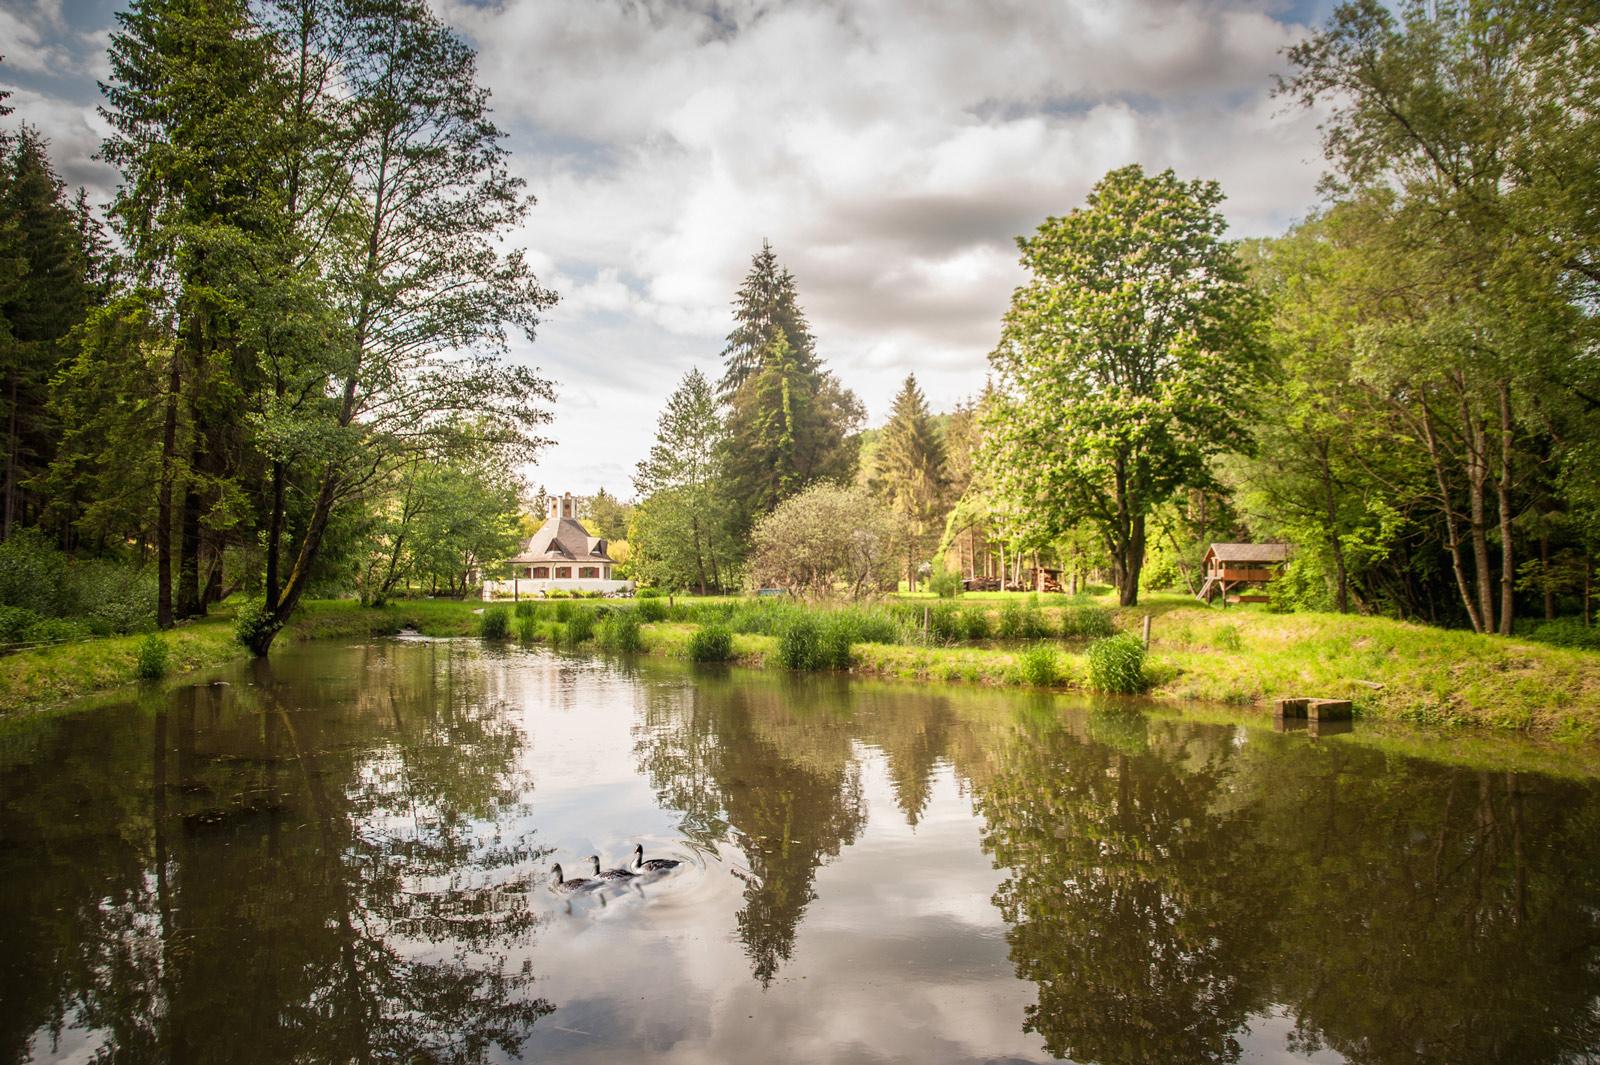 Teich für die Störzucht im Südburgenland